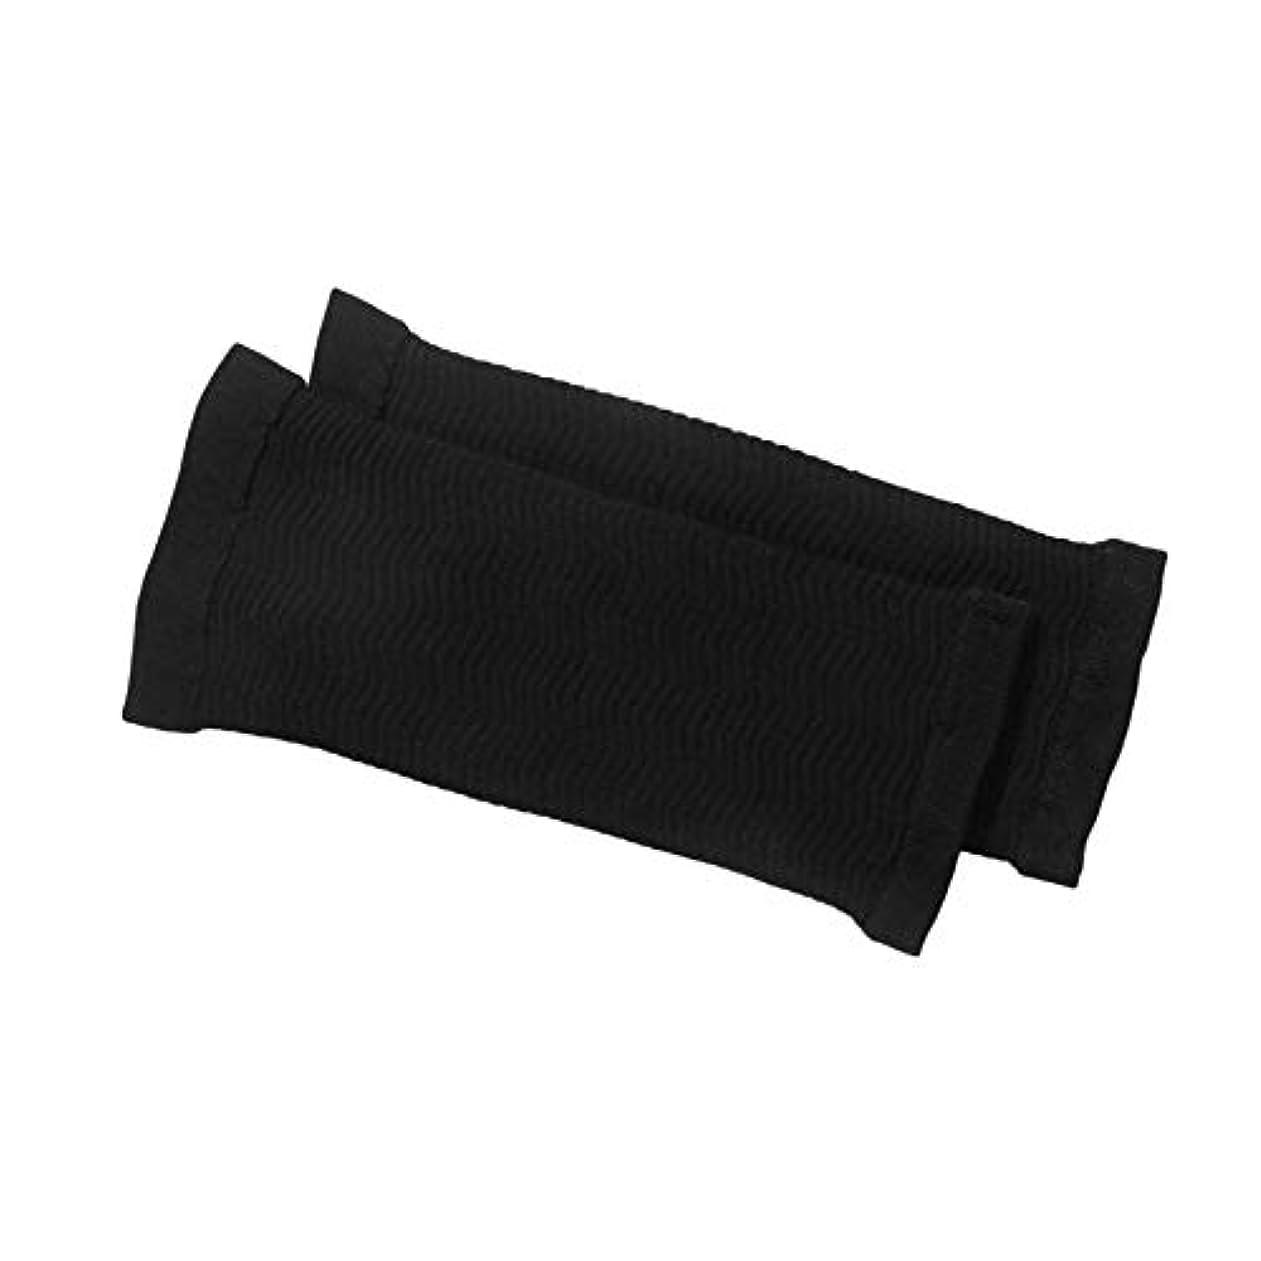 玉ねぎ目的マネージャー1ペア420 D圧縮痩身アームスリーブワークアウトトーニングバーンセルライトシェイパー脂肪燃焼袖用女性 - 黒